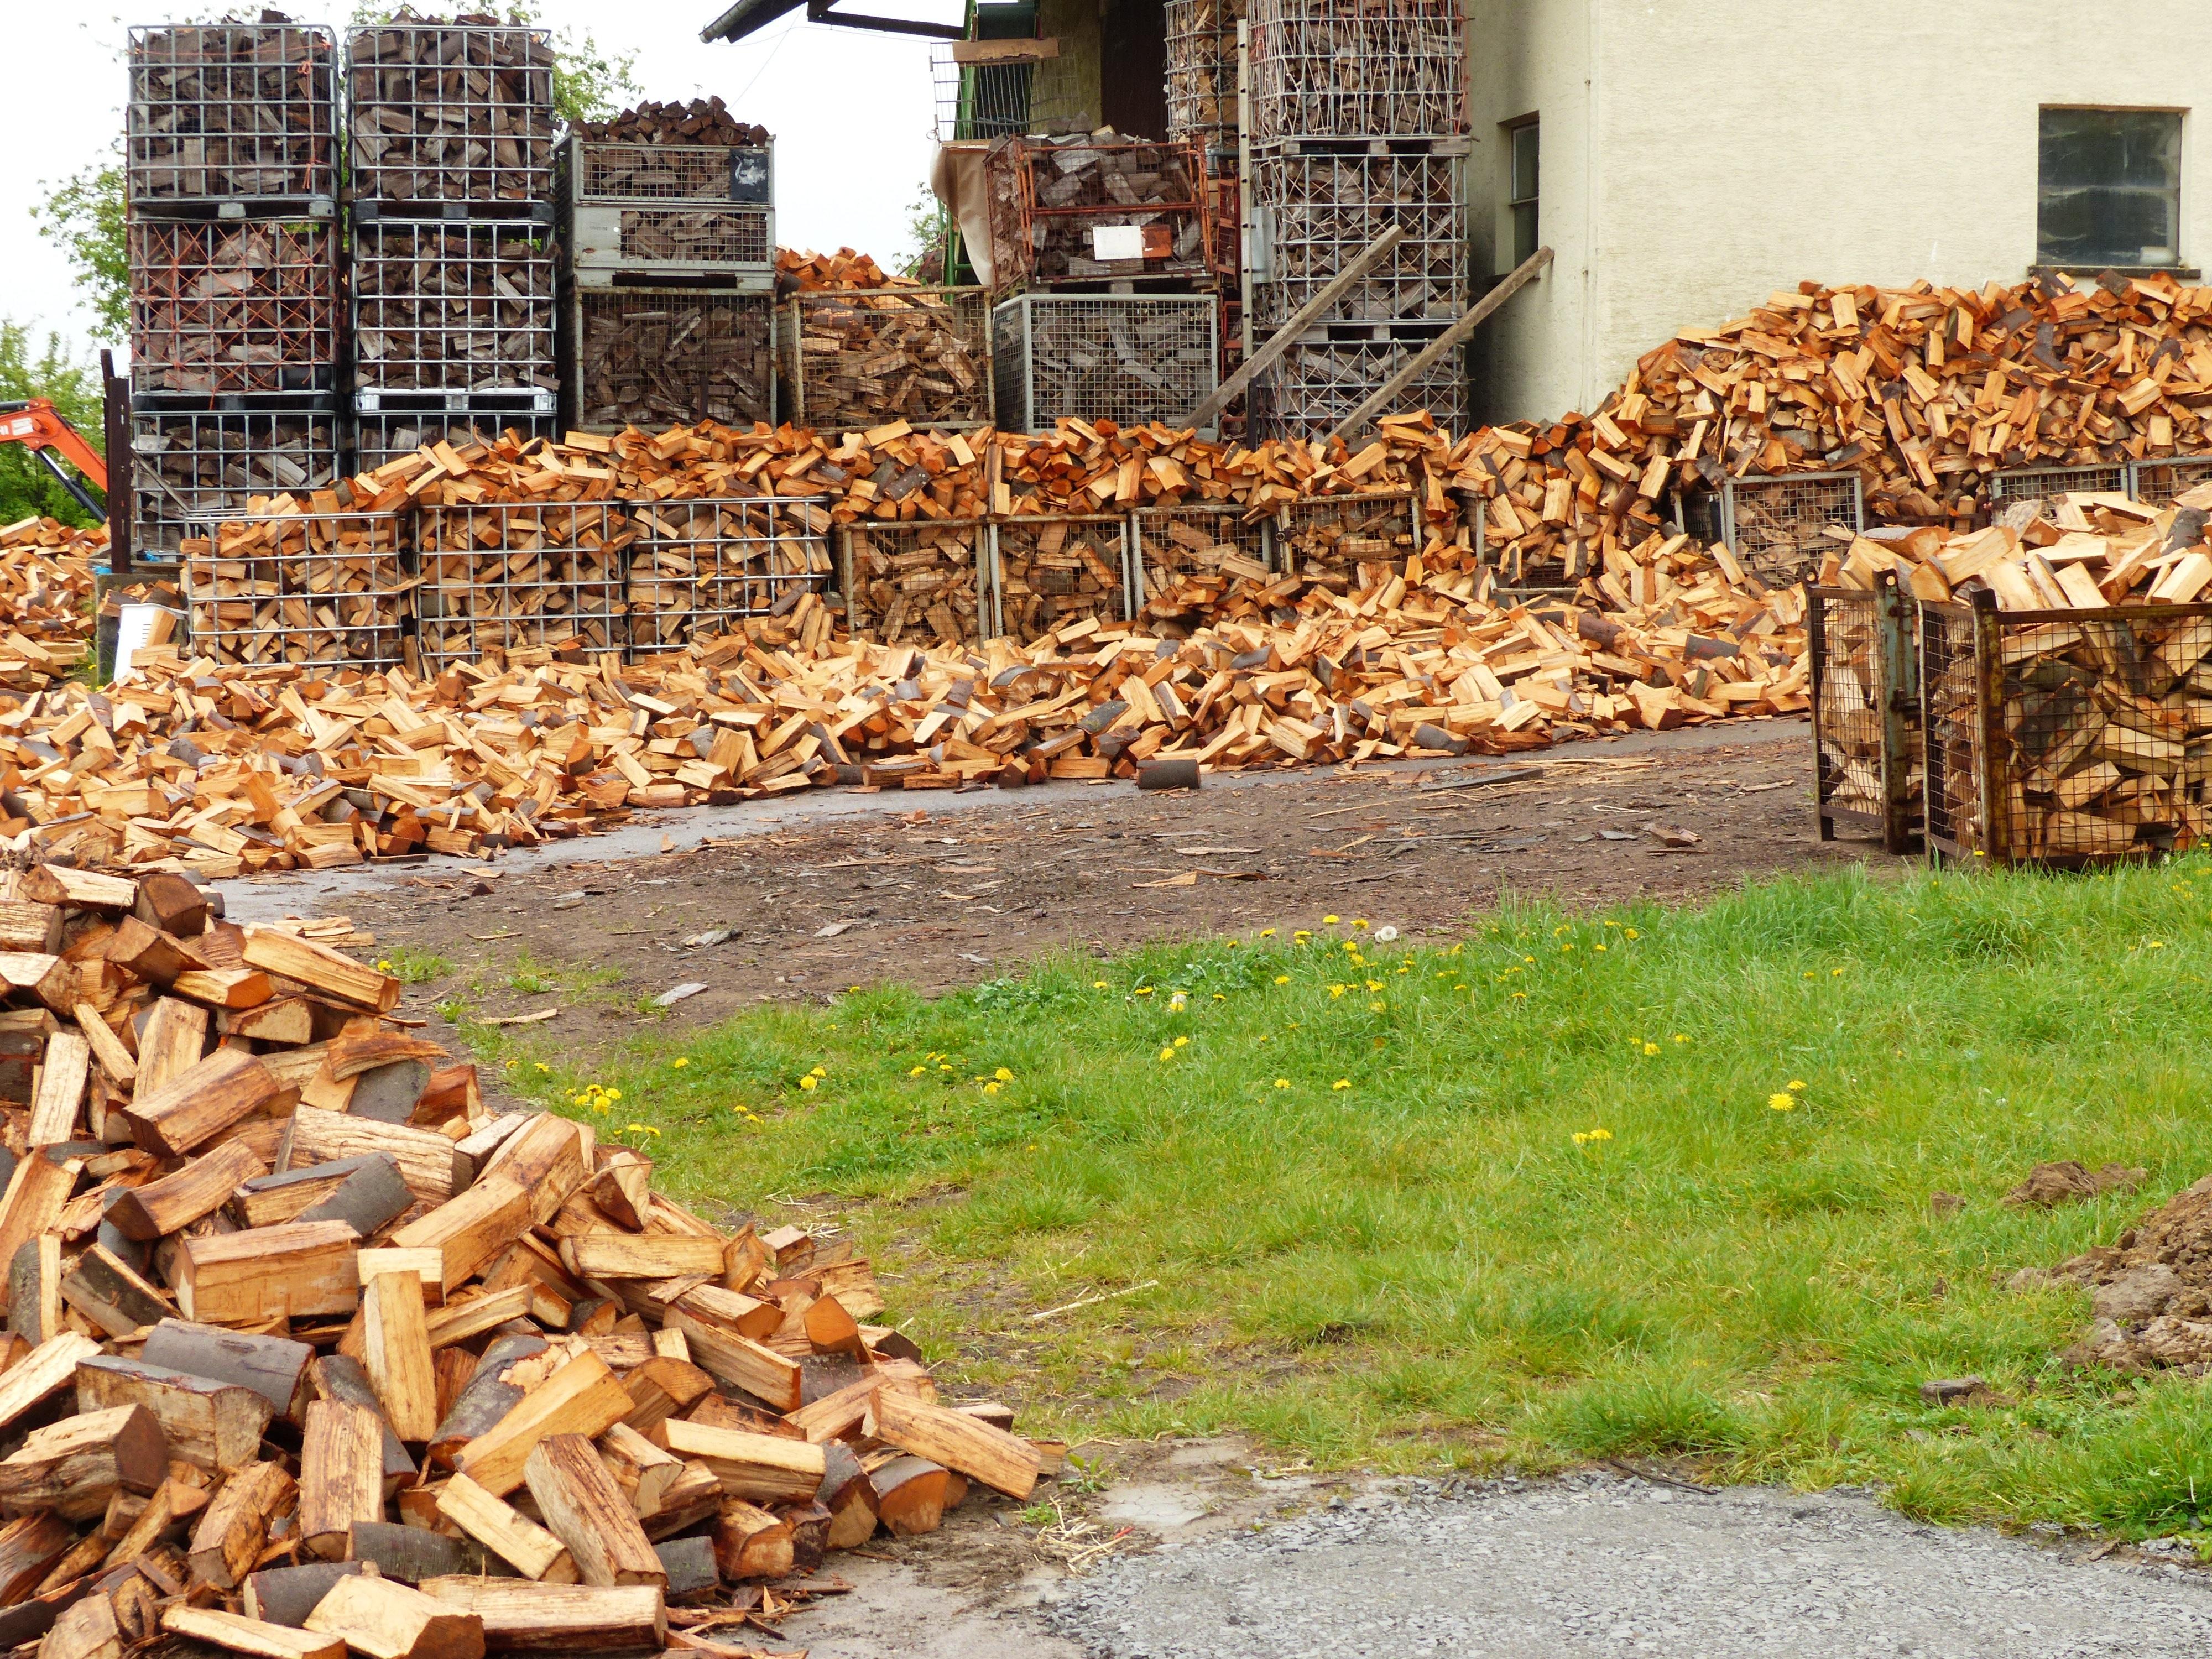 Yarda de la yarda del sol arte verano yarda de madera